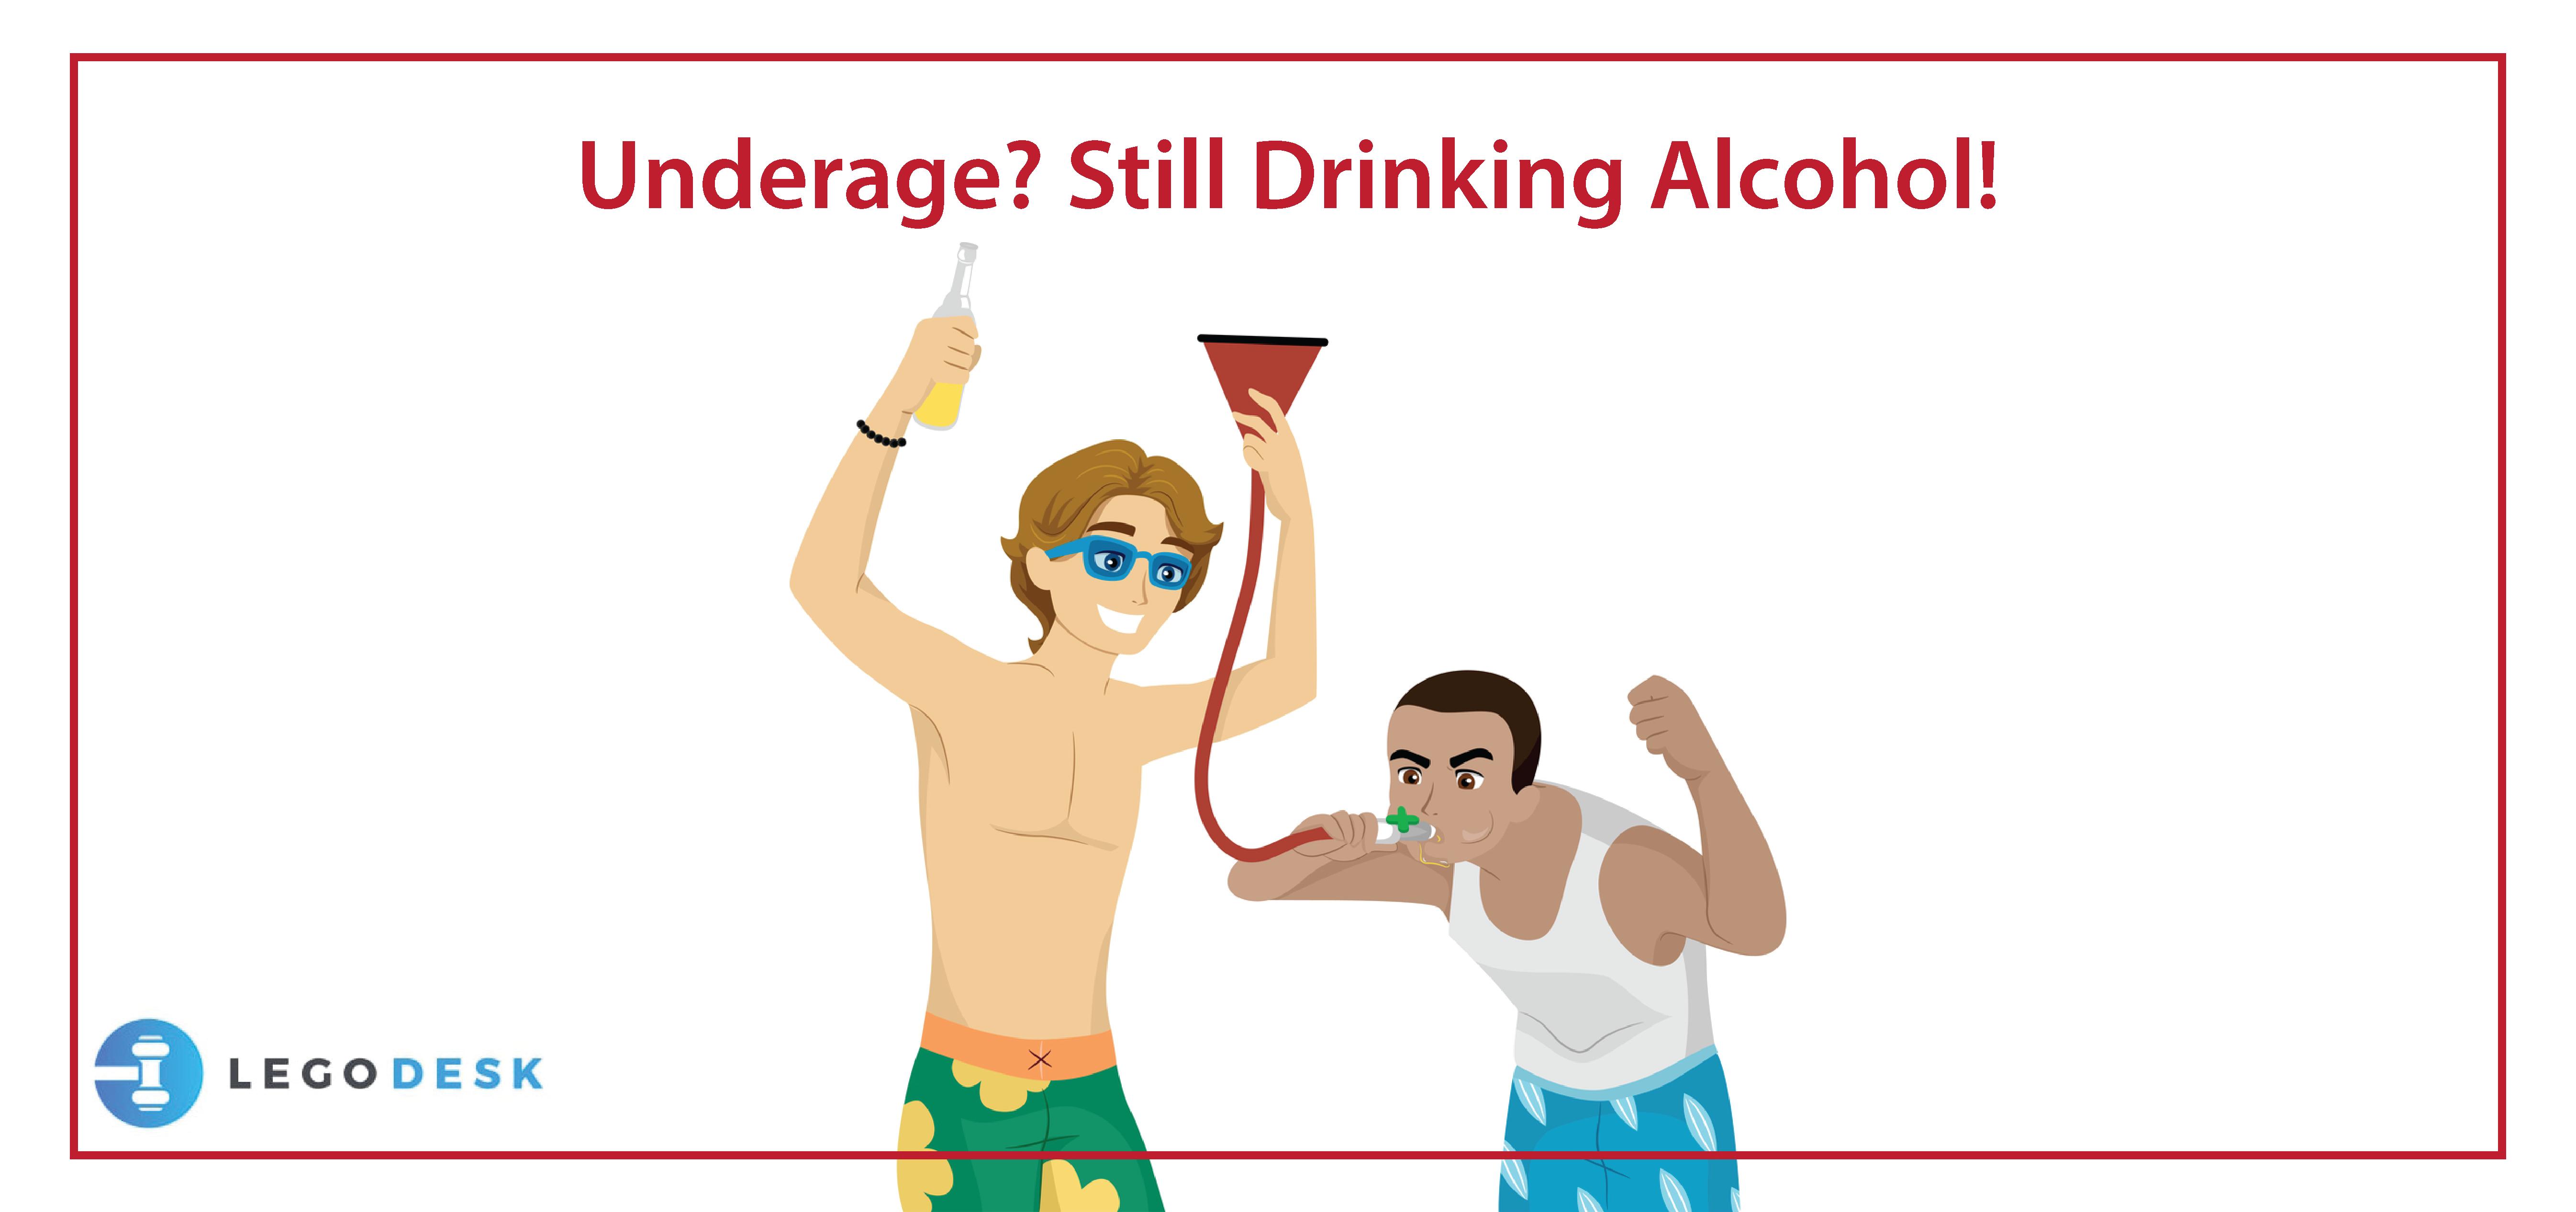 Underage? Still Drinking Alcohol!